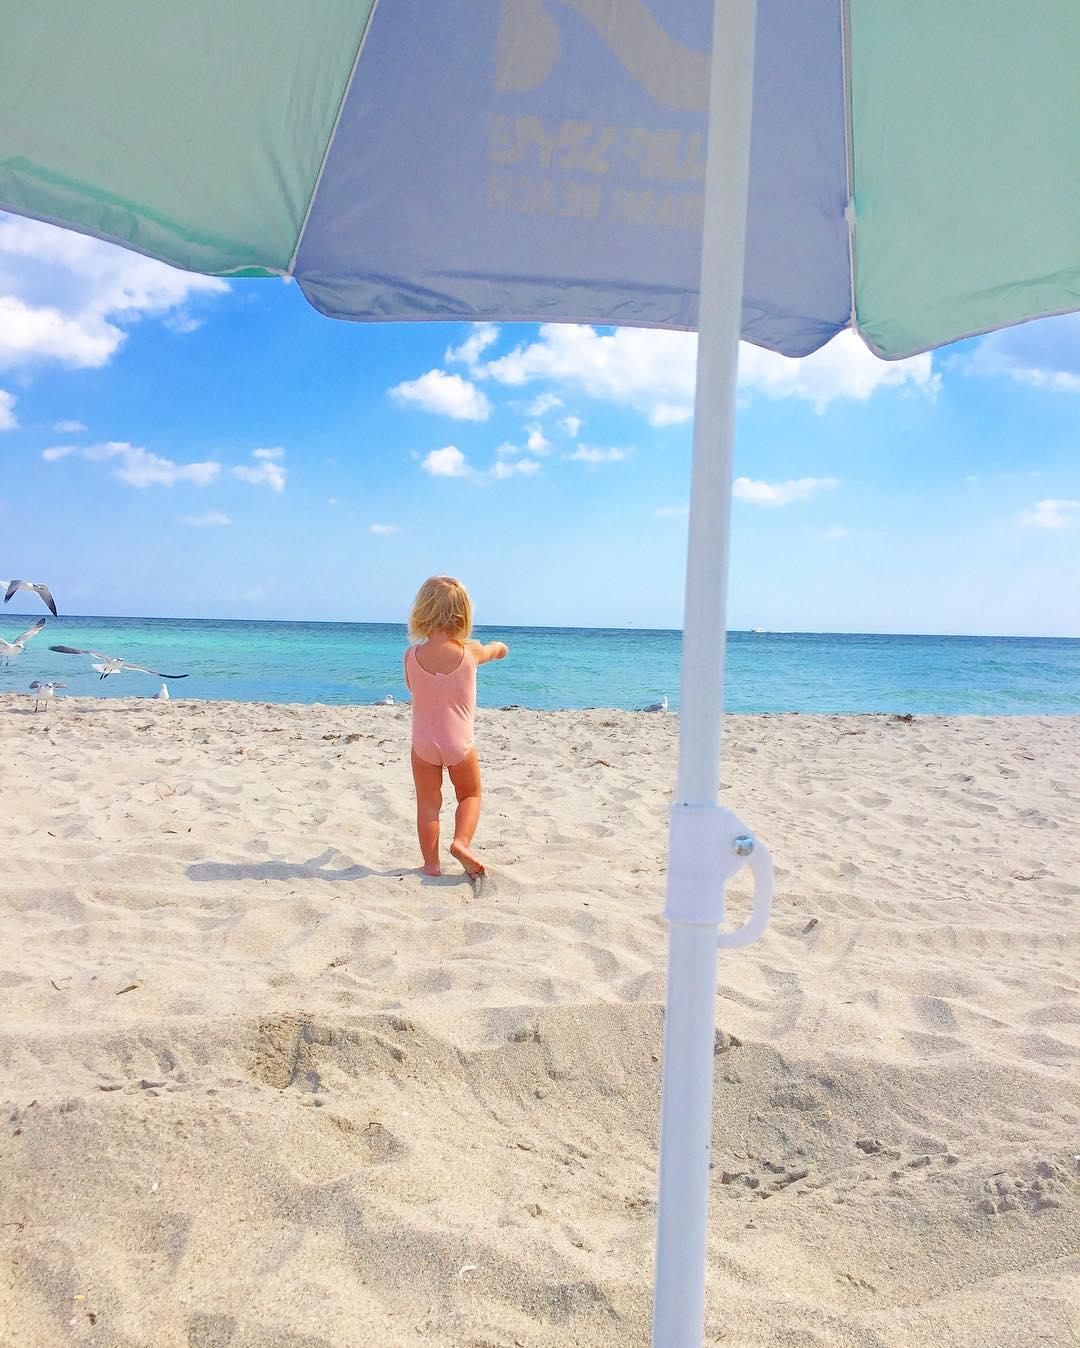 praia South Beach miami beach - atividades imperdíveis Miami